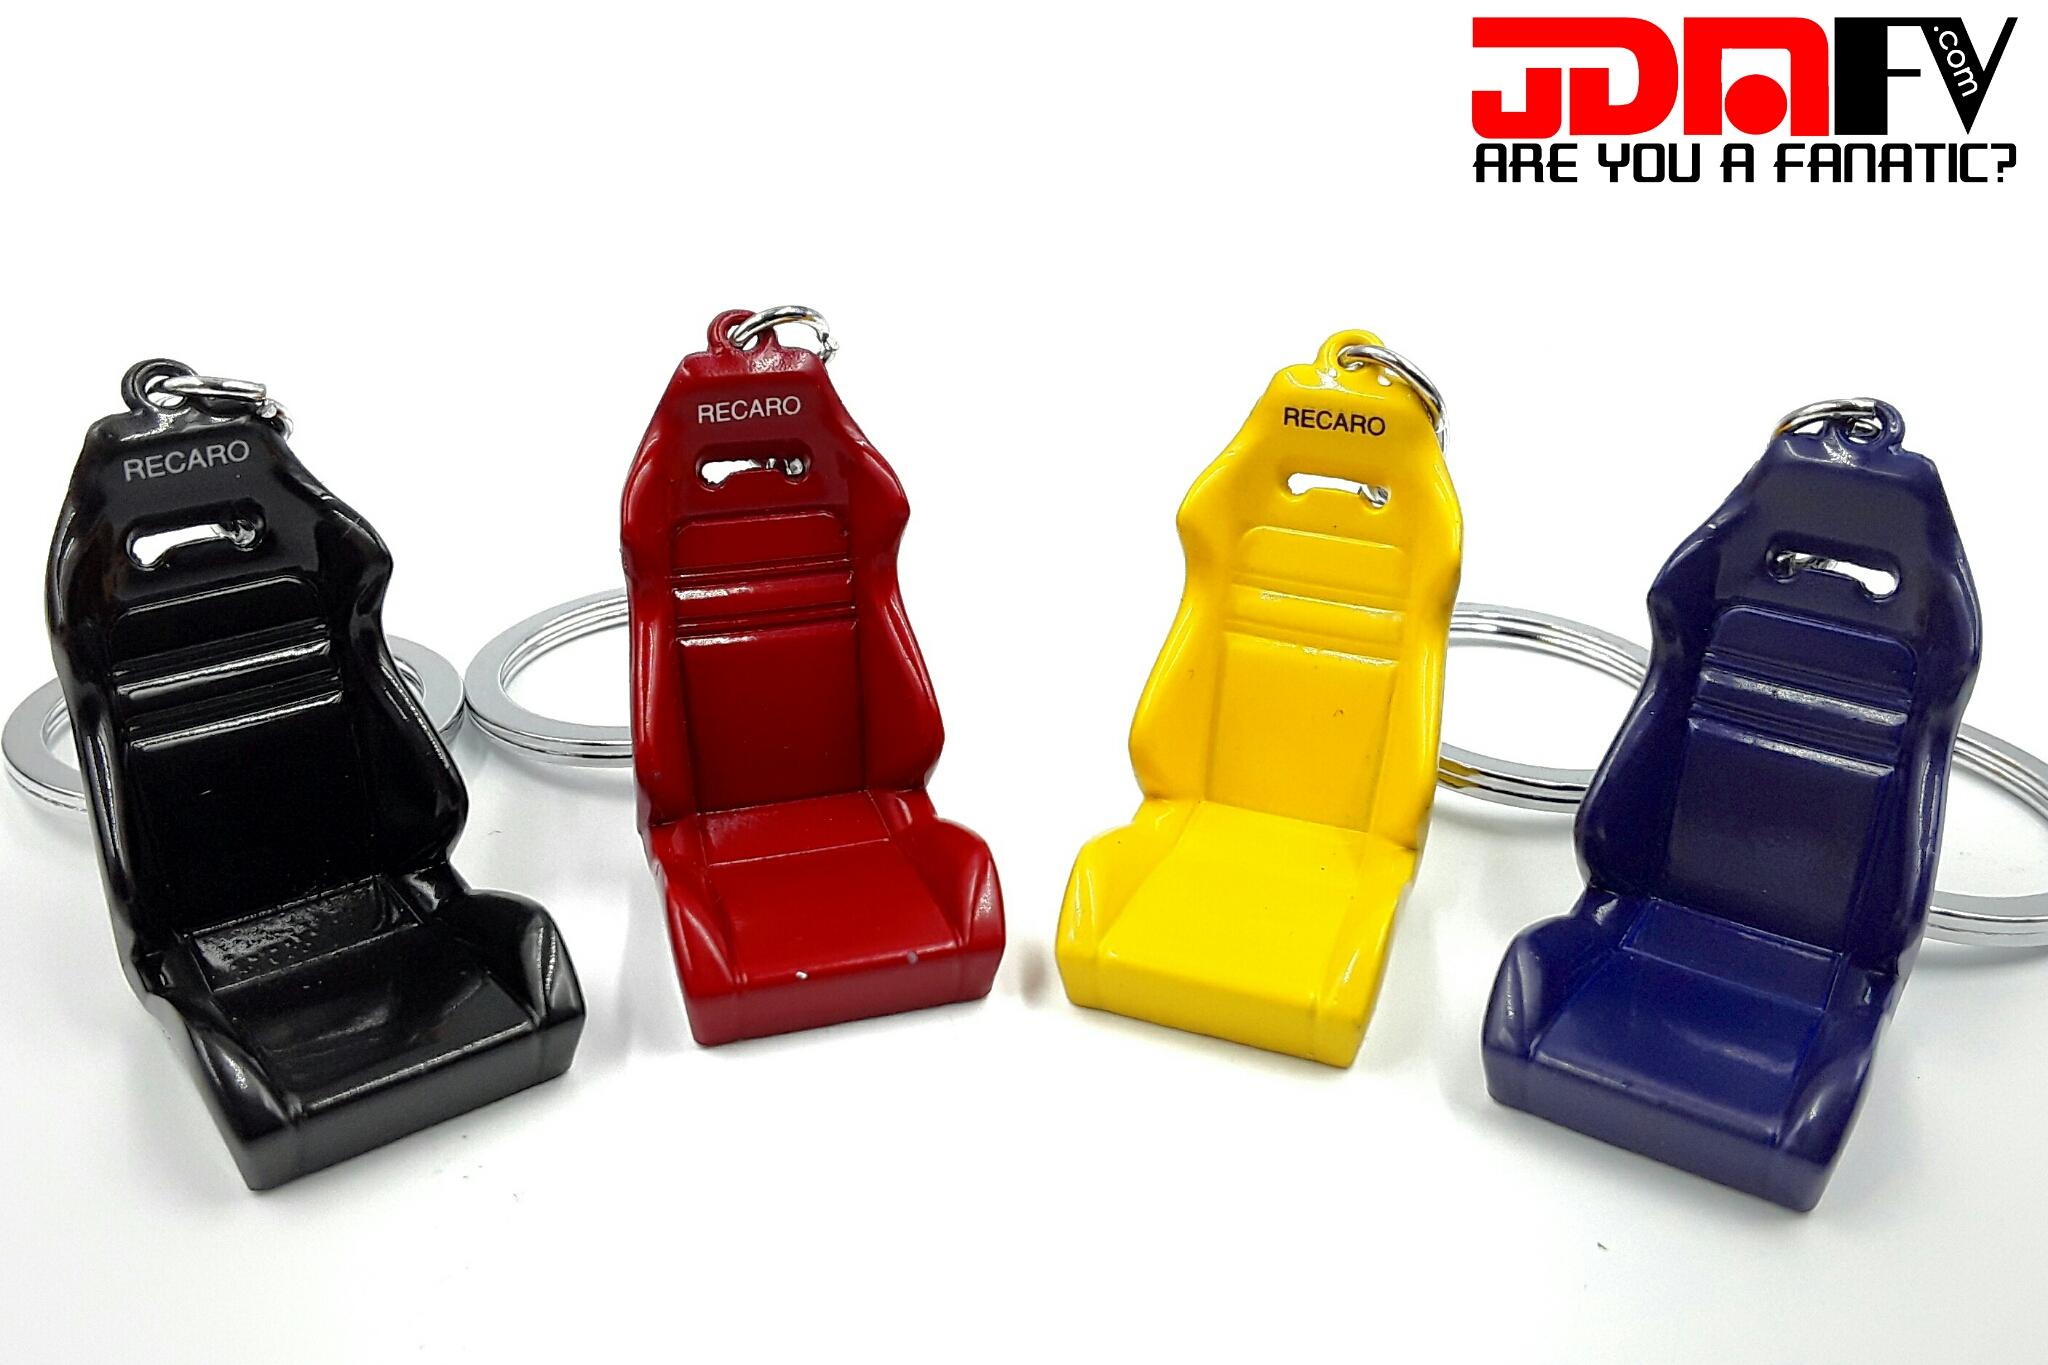 recaro-seat-keychains-jdmfv.jpg